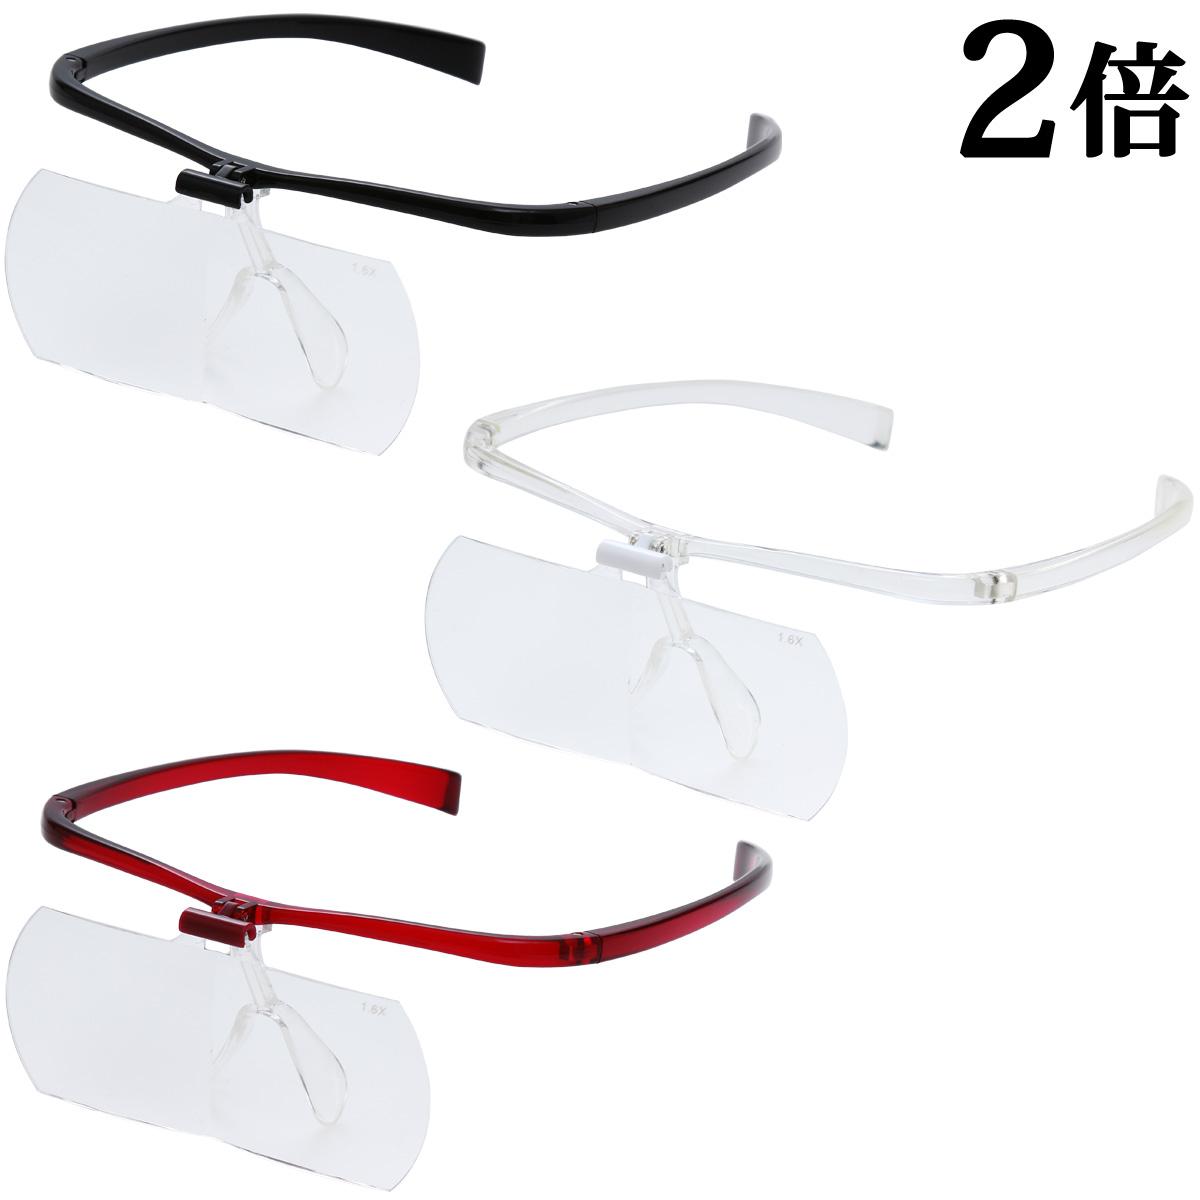 双眼メガネルーペ メガネタイプ 2倍 HF-60E メガネ型ルーペ